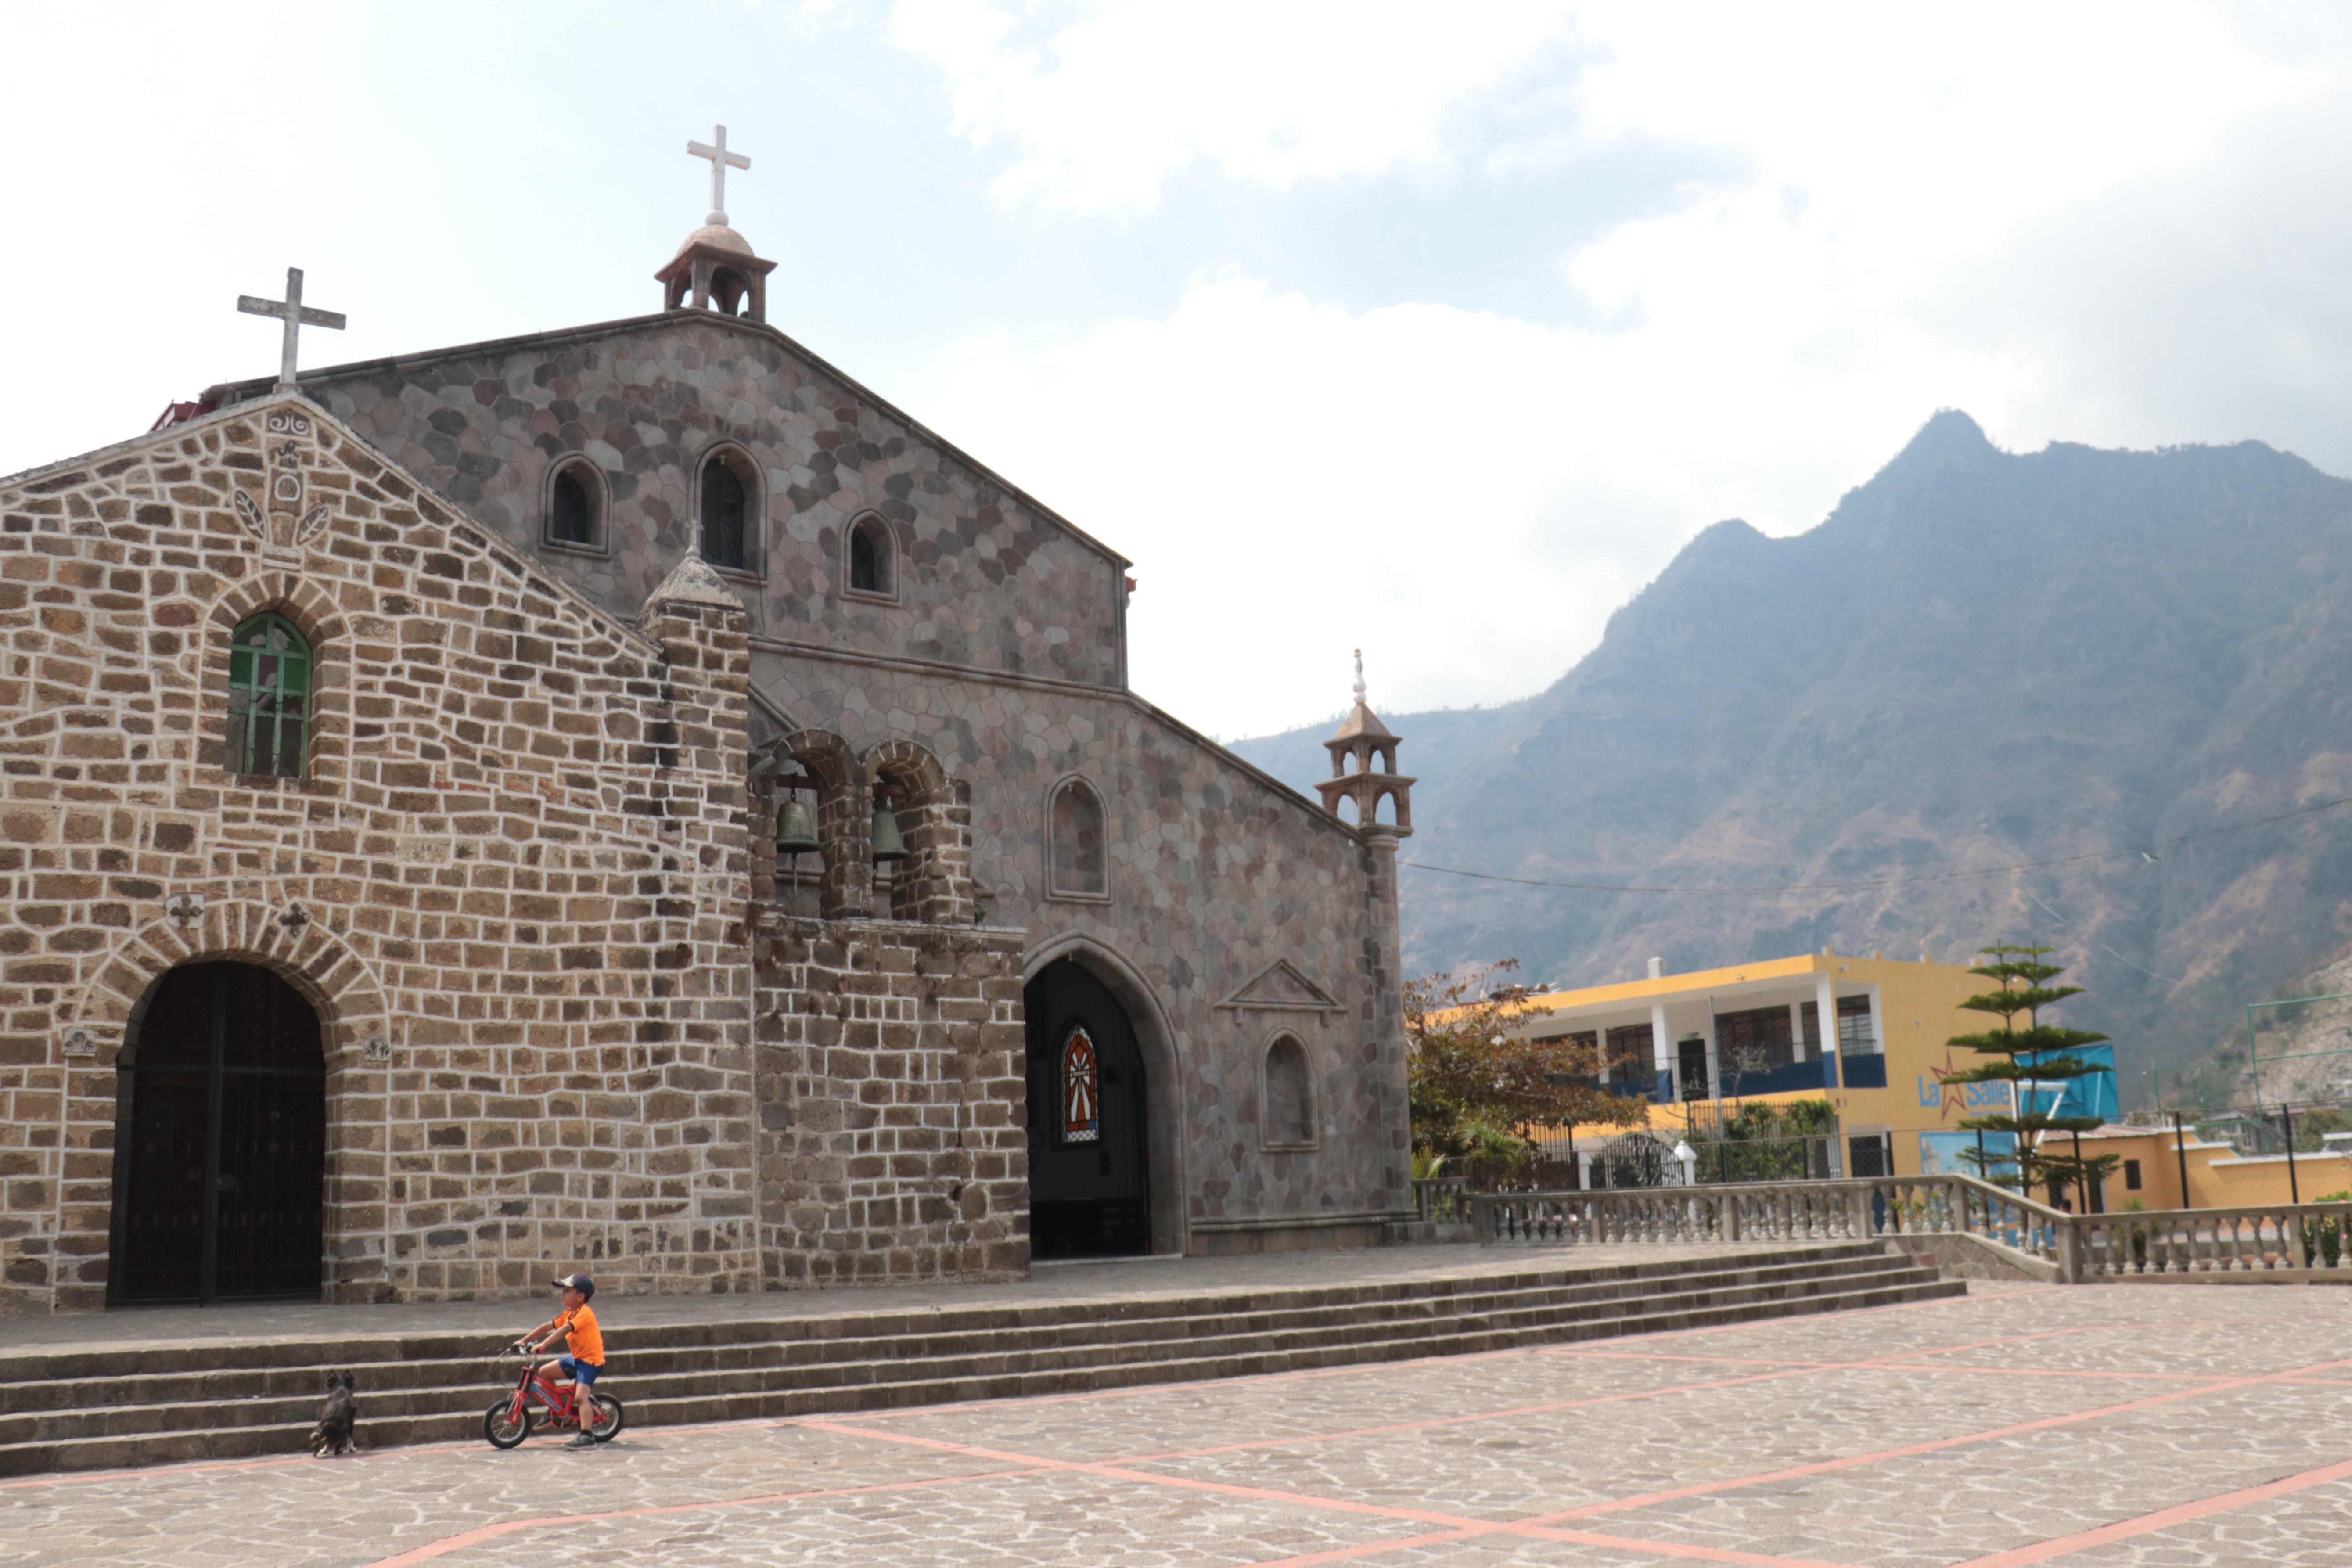 La Iglesia Católica de San Juan La Laguna y al fondo el Cerro Nariz del Indio o Rostro Maya.